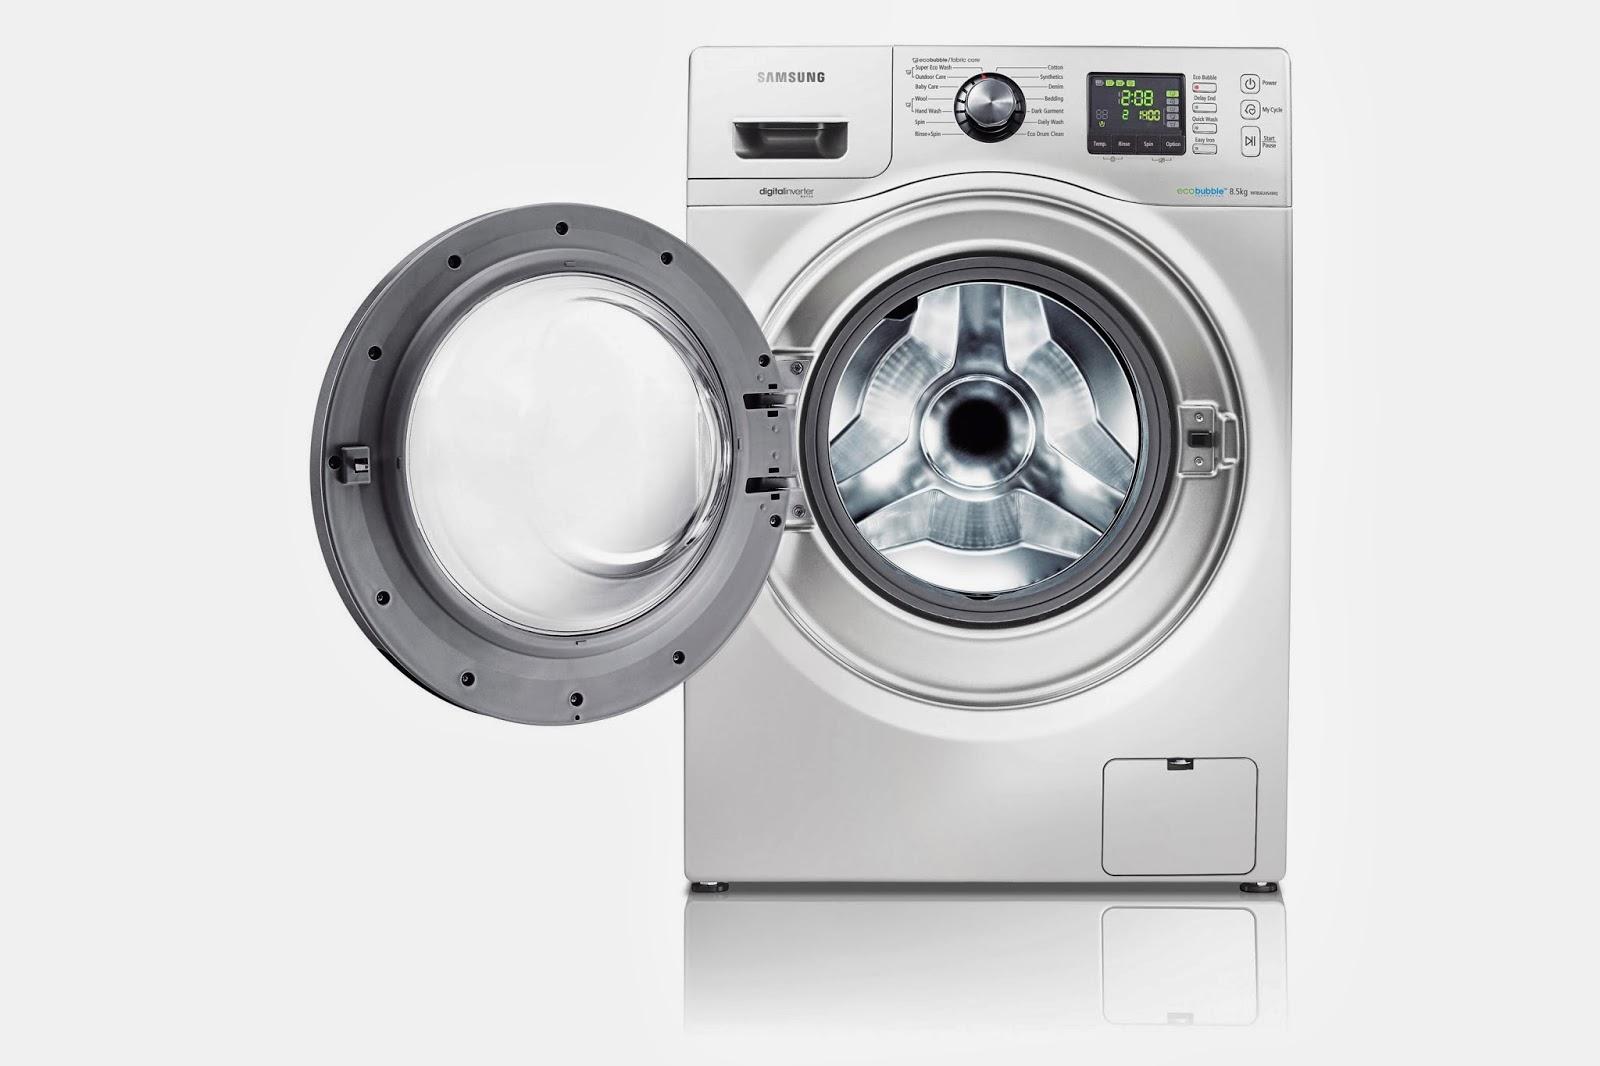 Daftar Harga Mesin Cuci Semua Merek Terbaru 2014